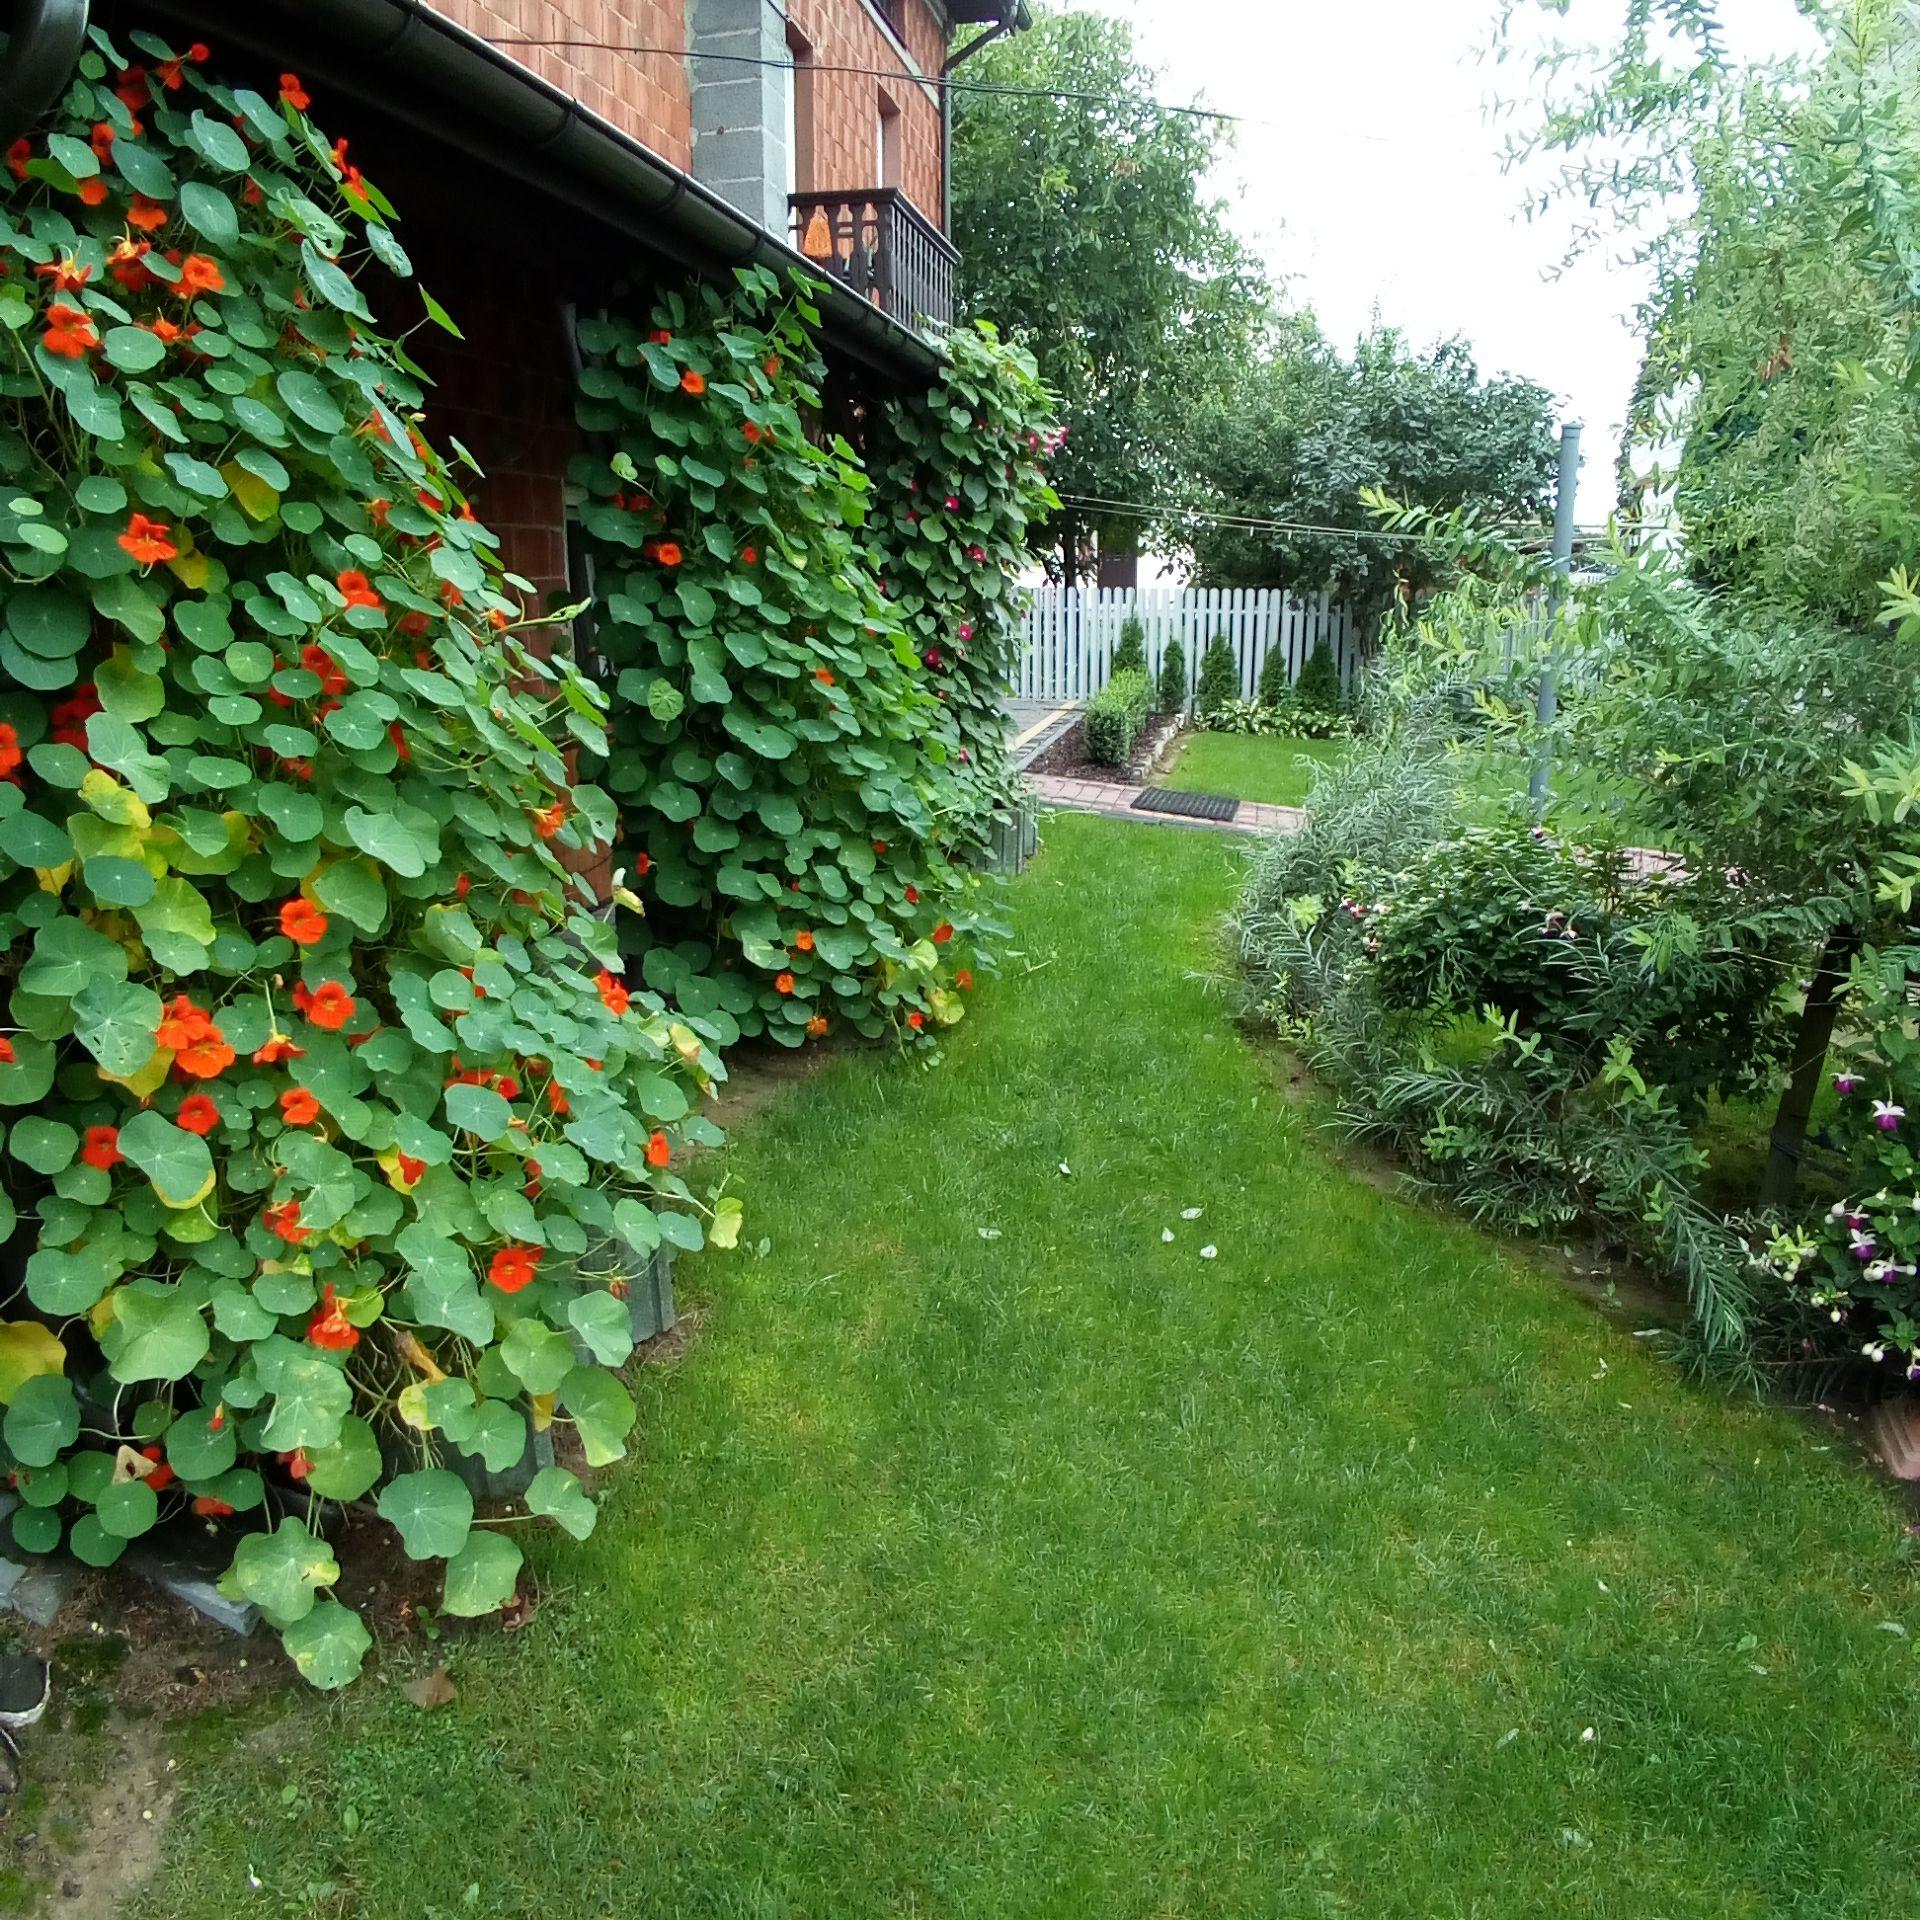 Nasturcja Pnaca Fot Monika Mroczkowska Prawa Autorskie Do Zdjec Twojogrodek Pl Plants Garden